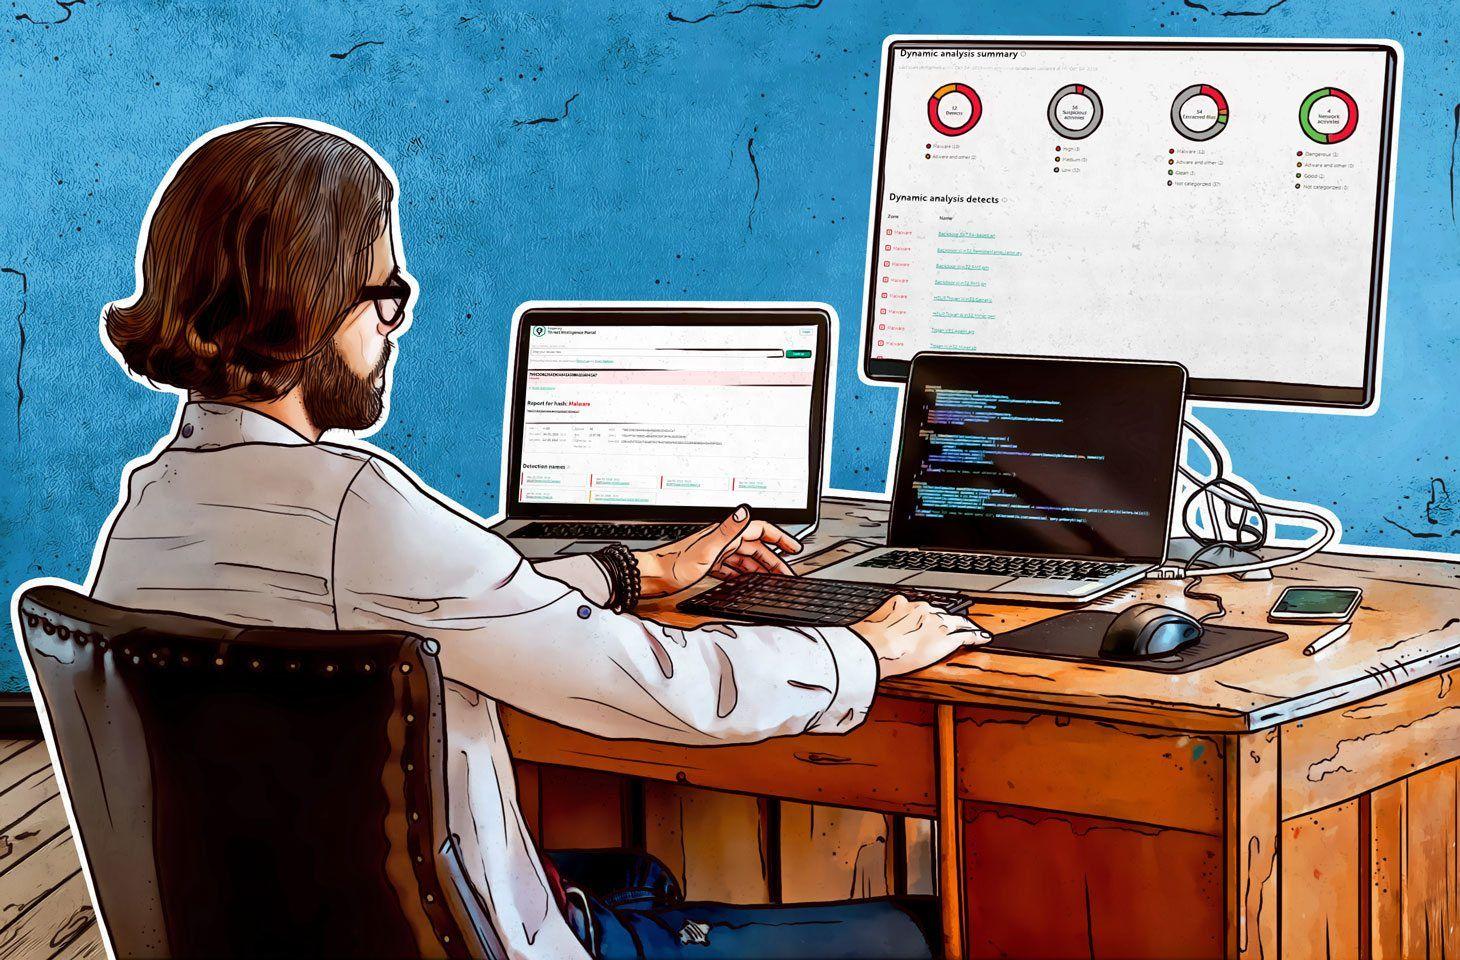 Agora damos acesso livre ao Portal de Inteligência de Ameaças